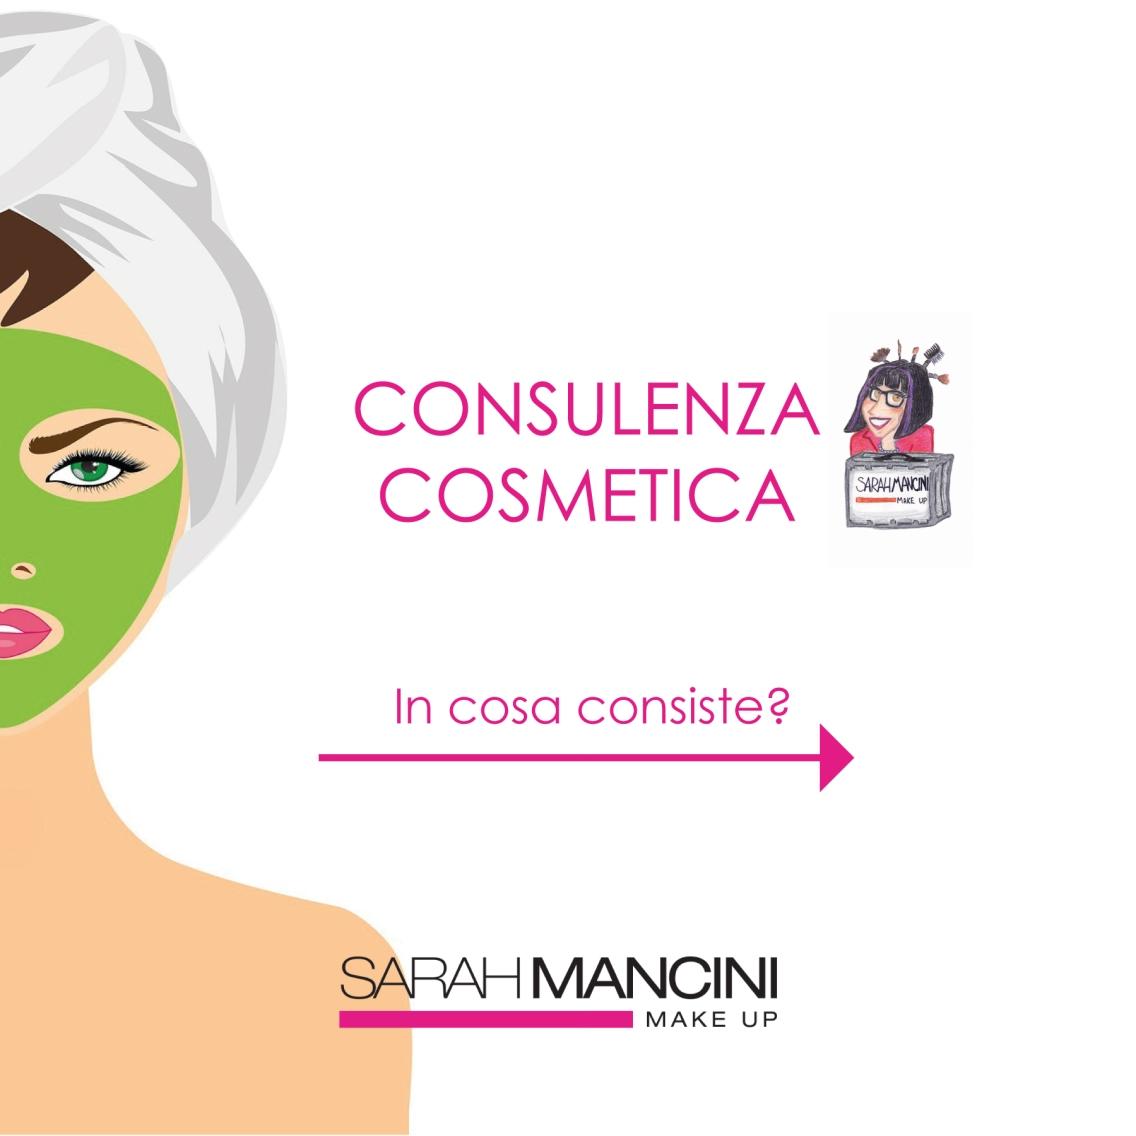 consulenza-cosmetica_1